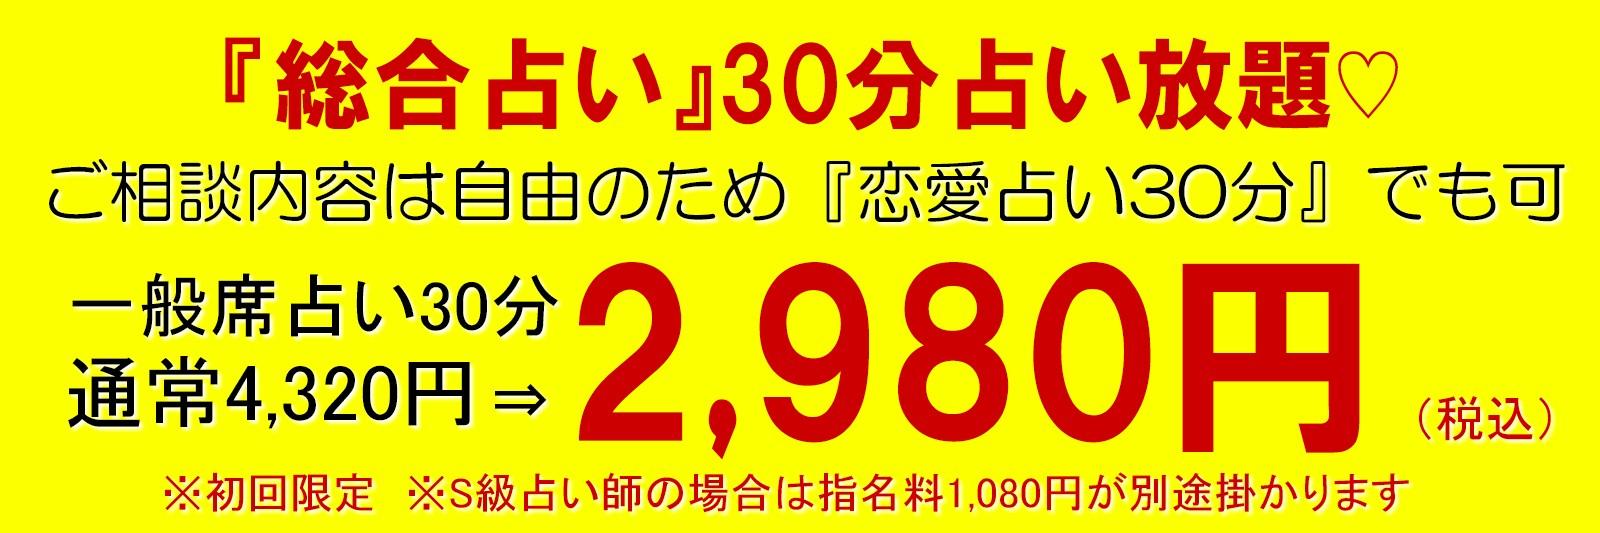 恋愛占い生年月日なら東京渋谷で当たると評判の占い館ビーカフェにお任せ!恋愛占いに強いタロット占い師が的確にアナタの未来を占います